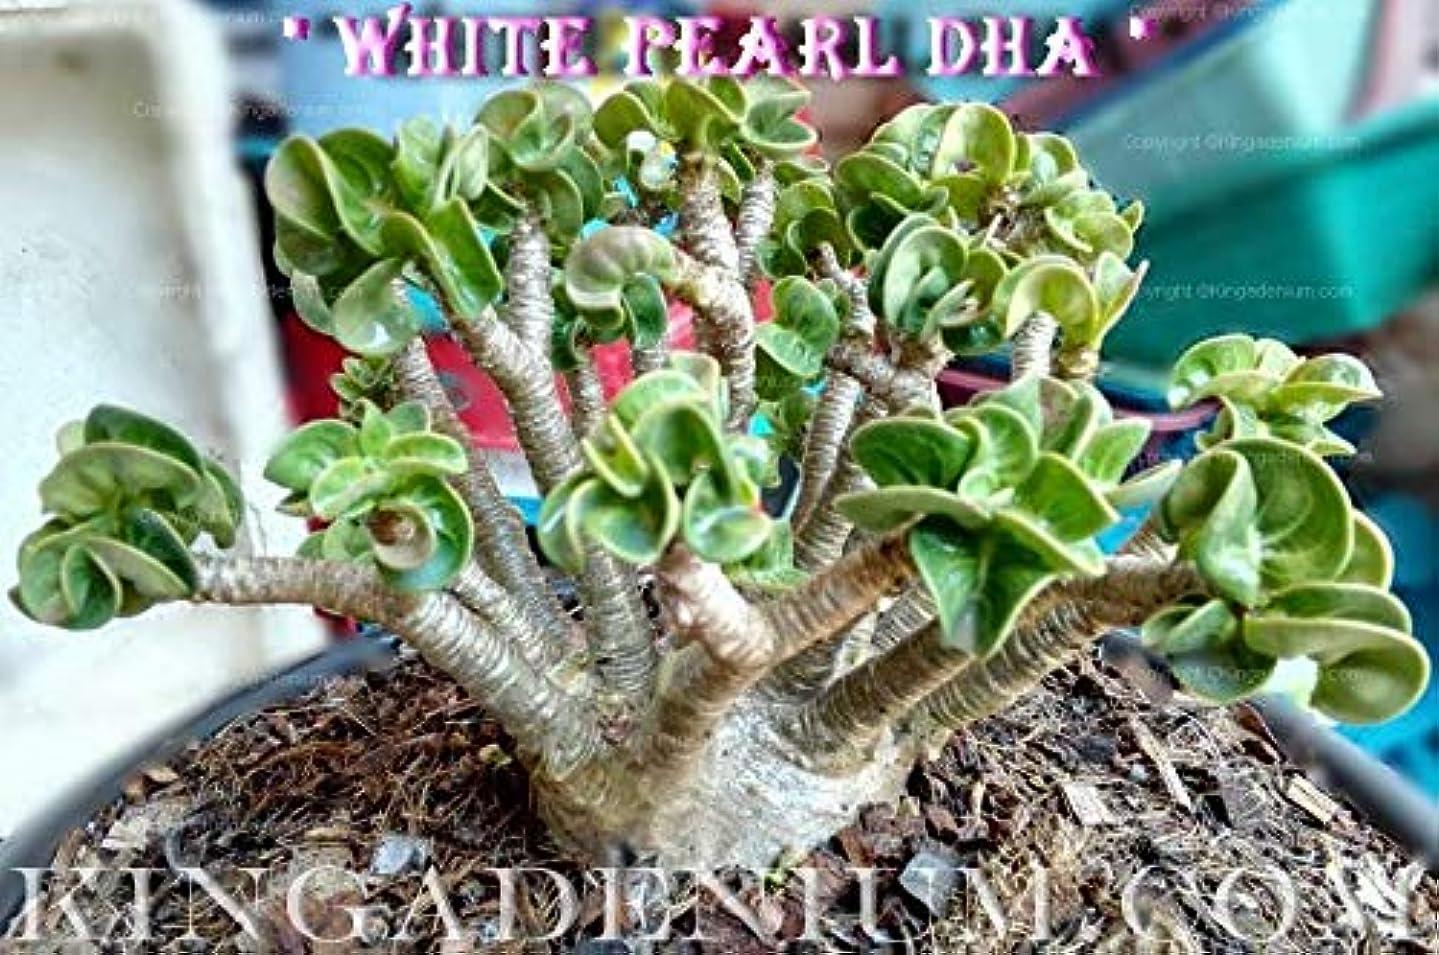 掘る天窓そう有機種子だけでなく、植物:PEARL DHA DORSET HORNアデニウムTHAI SOCOTRANUM DESERTは100 SEEDSのSEEDS NEW HYBR BY FERRYをROSE